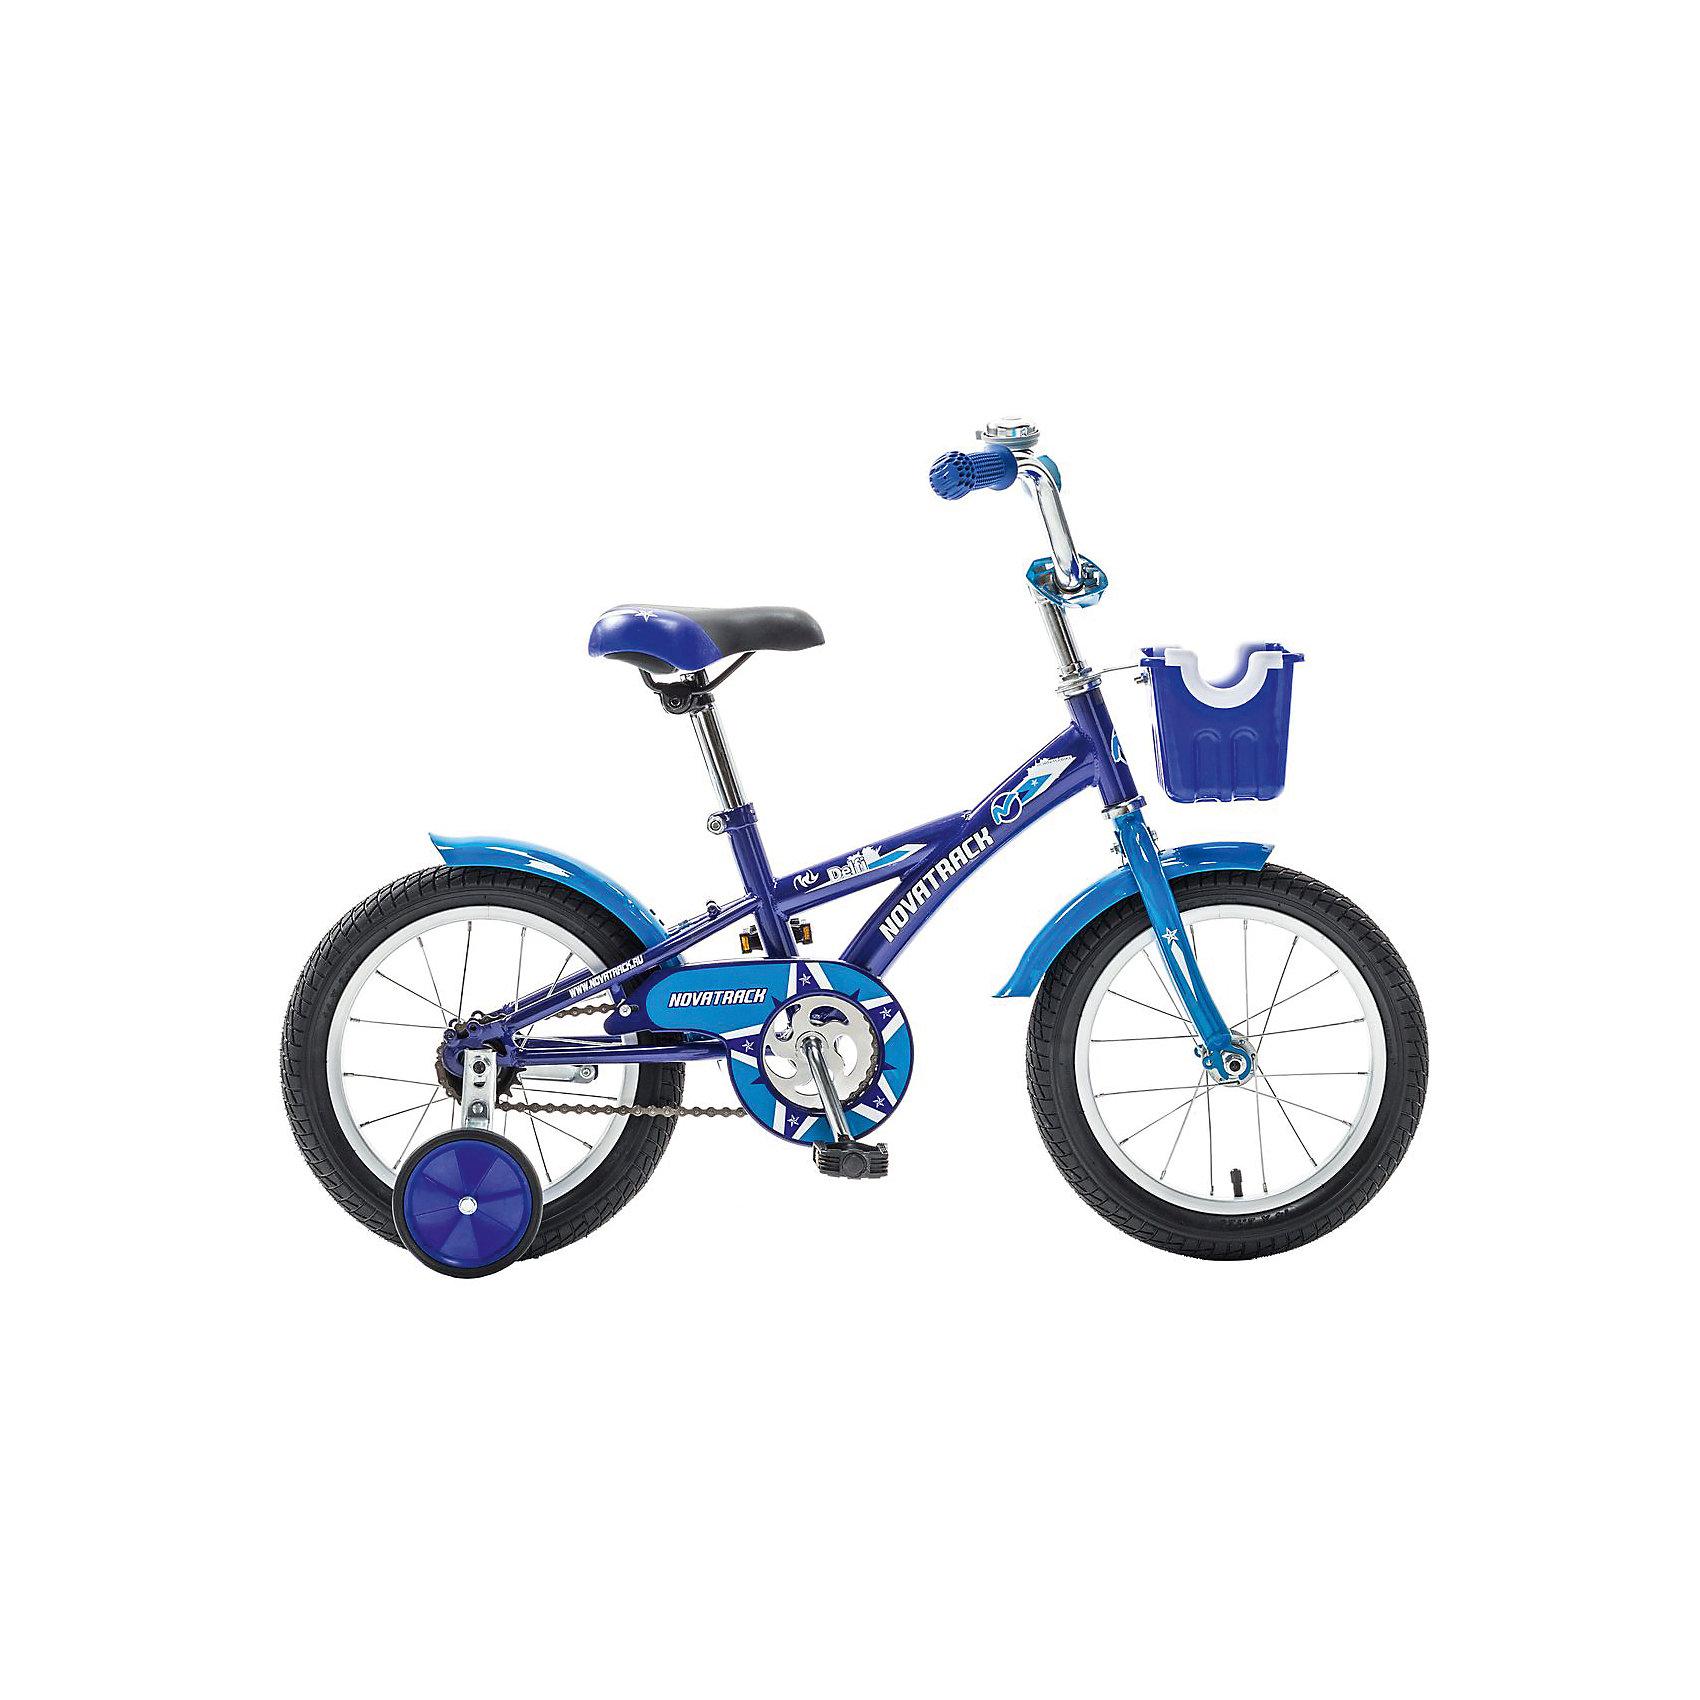 Велосипед Delfi, сине-голубой, 14 дюймов, NovatrackВелосипеды детские<br>Велосипед Novatrack Delfi c 14-дюймовыми колесами – это надежный велосипед для ребят от 3 до 5 лет. Привлекательный дизайн, надежная сборка, легкость и отличная управляемость – это еще не все плюсы данной модели. Велосипед Delfi снабжен ограничителем поворота руля, который не позволит ребенку слишком сильно вывернуть переднее колесо велосипеда, и тем самым предотвратит падения. Цепь закрыта декоративной накладкой, которая защитит одежду и ноги ребенка от попадания в механизм. Данная модель специально разработана для легкого обучения езде на велосипеде. Низкая рама позволит ребенку быстро взбираться и слезать с велосипеда. Колеса закрыты крыльями, которые защитят ребенка от брызг, а на руле располагается вместительная корзинка для перевозки самых необходимых в дороге предметов.<br><br>Ширина мм: 810<br>Глубина мм: 185<br>Высота мм: 410<br>Вес г: 11000<br>Возраст от месяцев: 48<br>Возраст до месяцев: 72<br>Пол: Унисекс<br>Возраст: Детский<br>SKU: 5613201